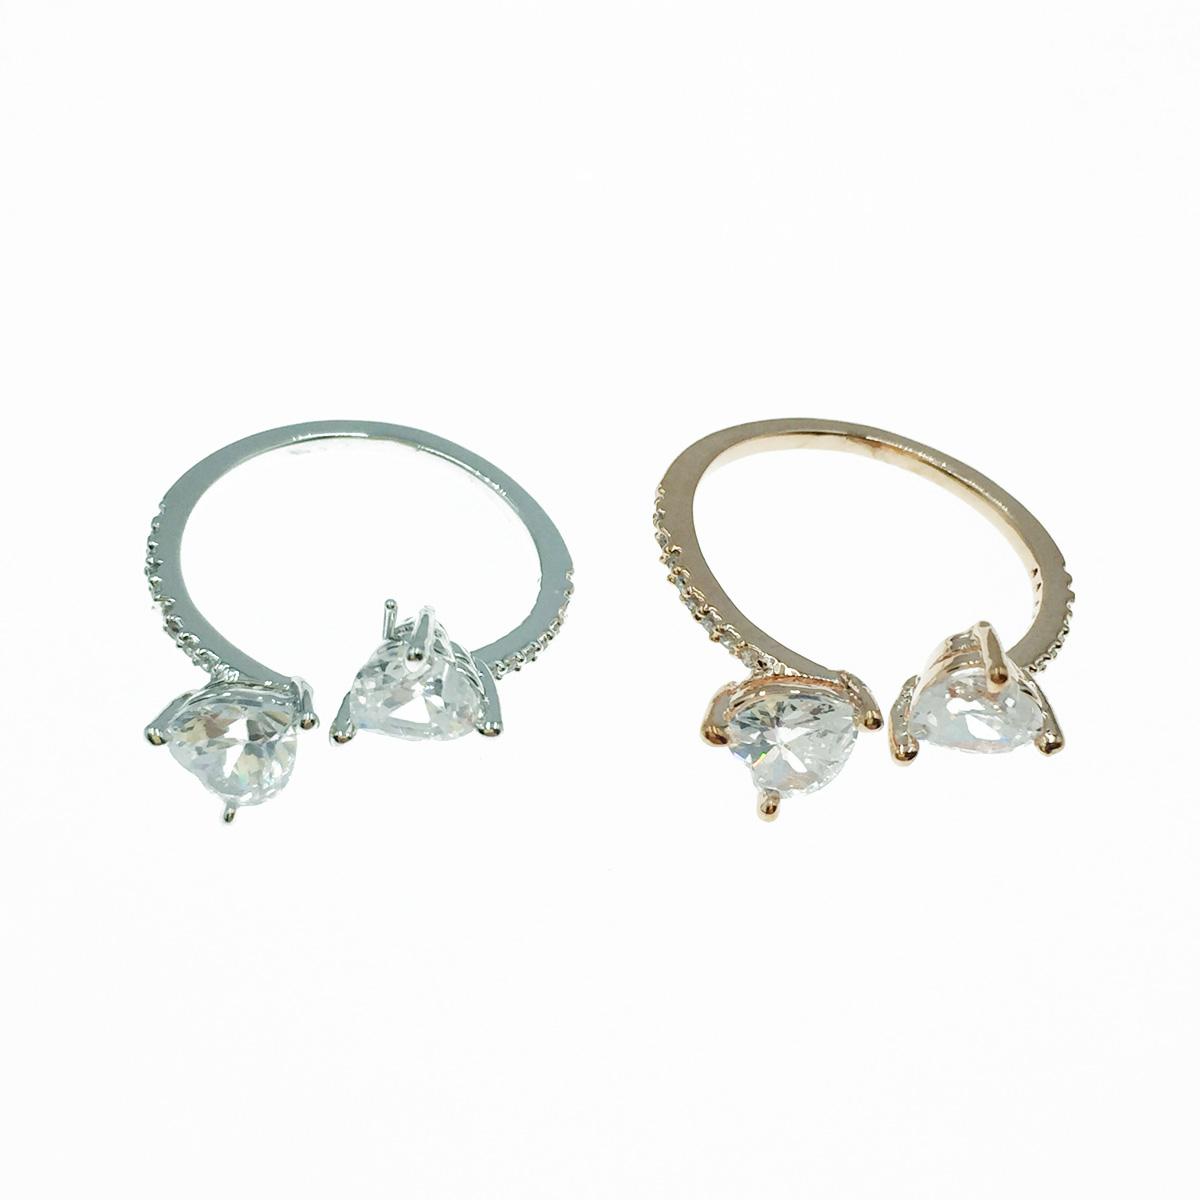 韓國 愛心 水鑽 精緻款 銀 玫瑰金 開口式戒指